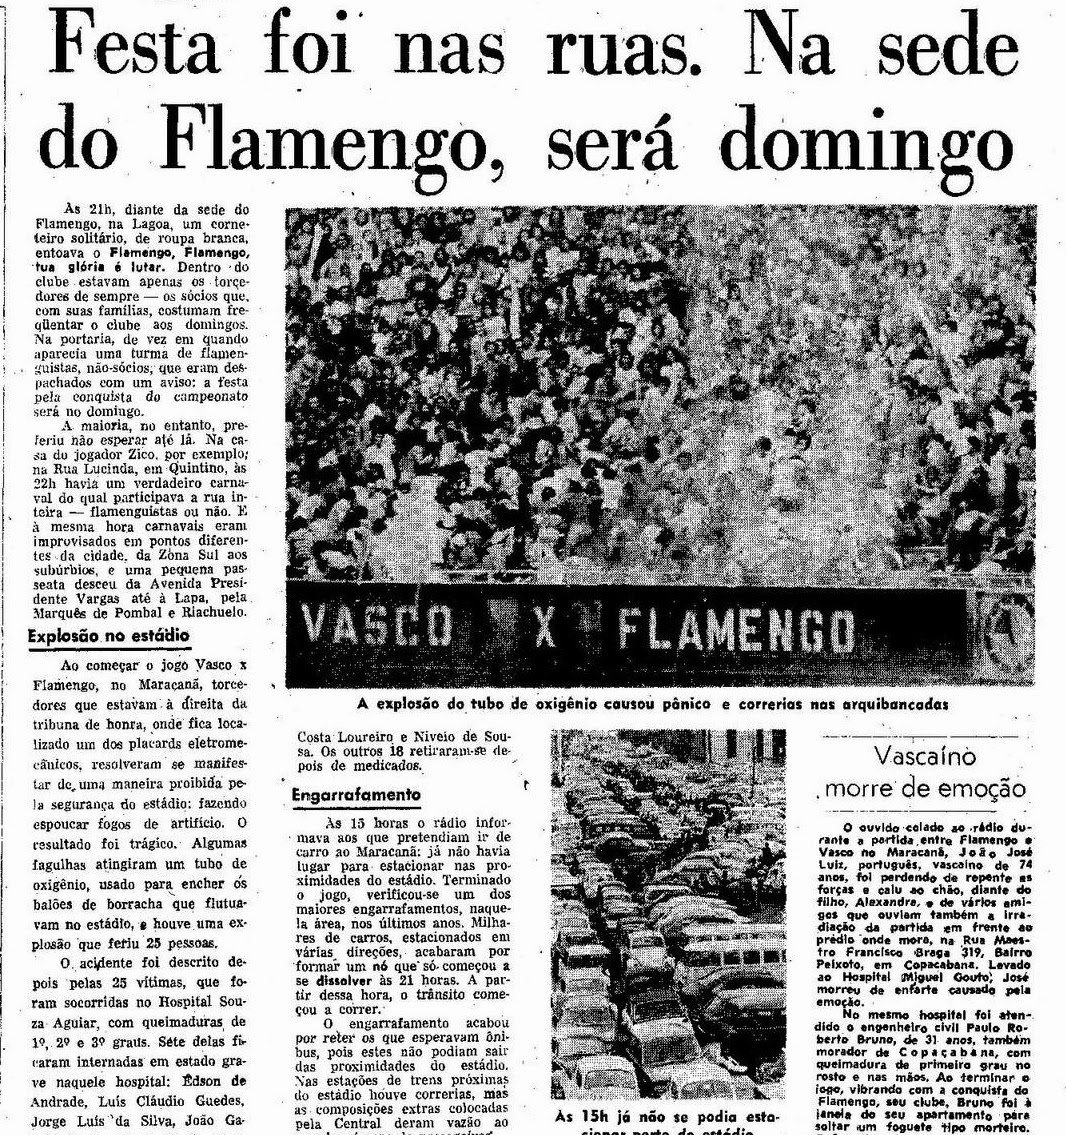 Torcidas do Vasco  FORÇA JOVEM 1974  FINAL DO CARIOCA EXPLOSÃO DE ... 797e69a913e71